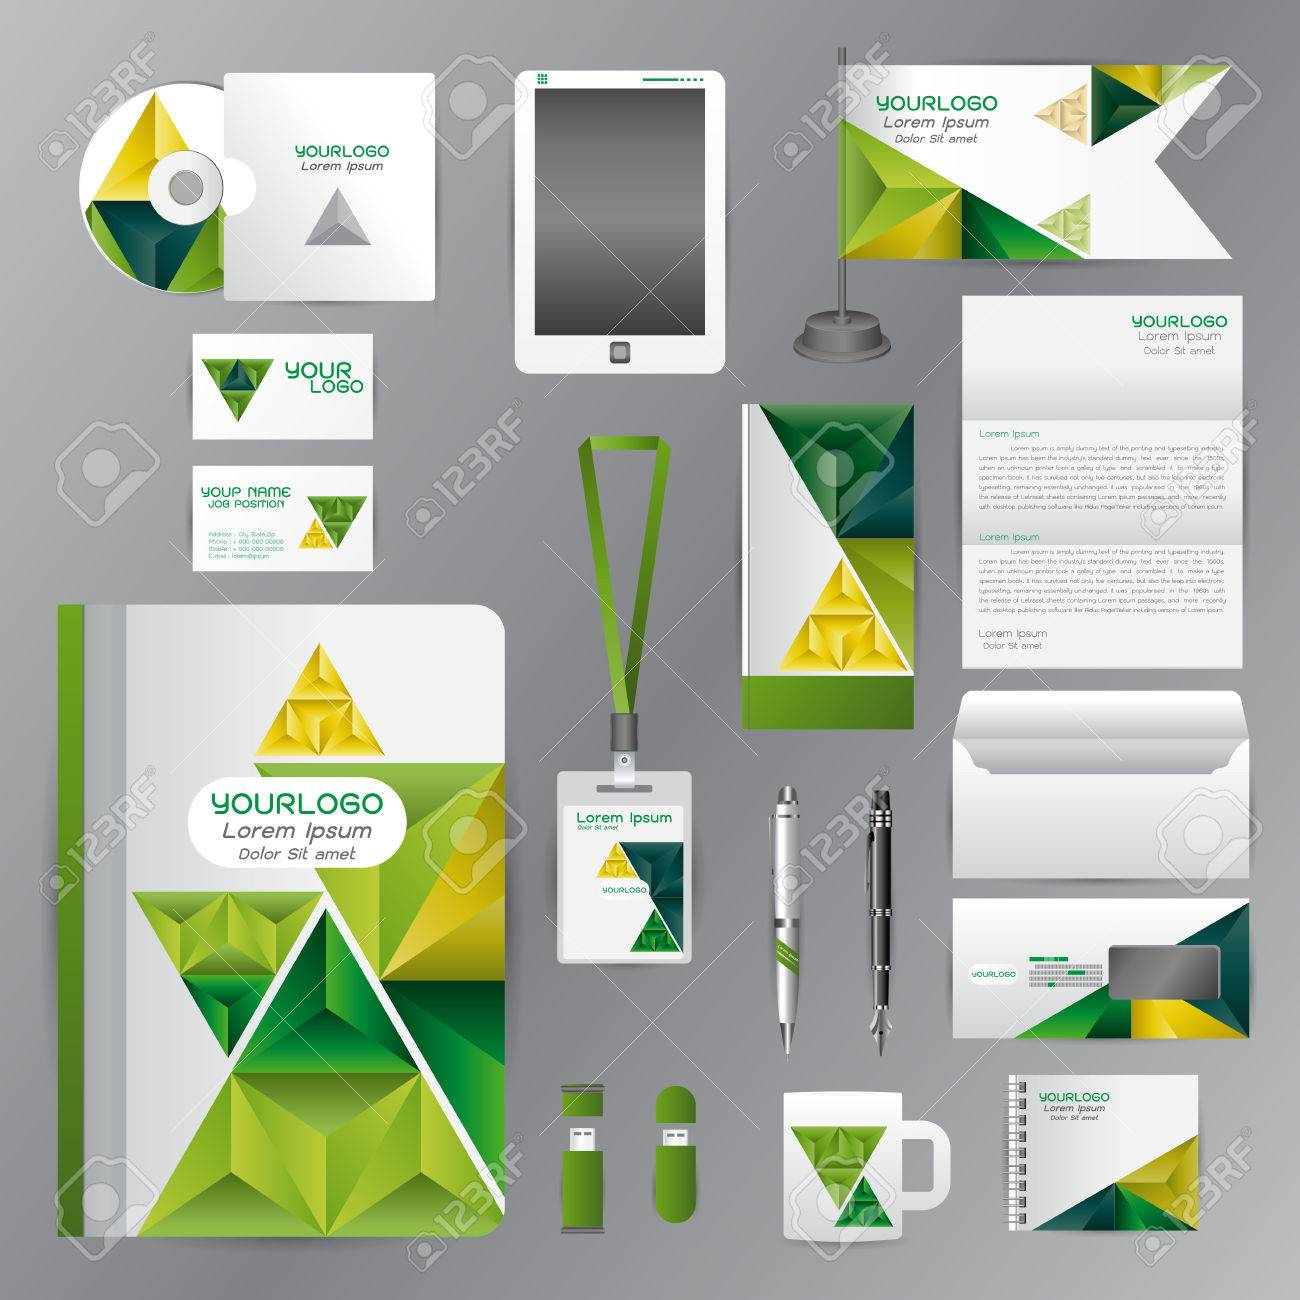 Modele Didentite Blanc Avec Triangle Vert Elements DorigamiVector Societe Style Pour La Ligne De Bord Marque Et Stylos En Papier A Cafe Cartes